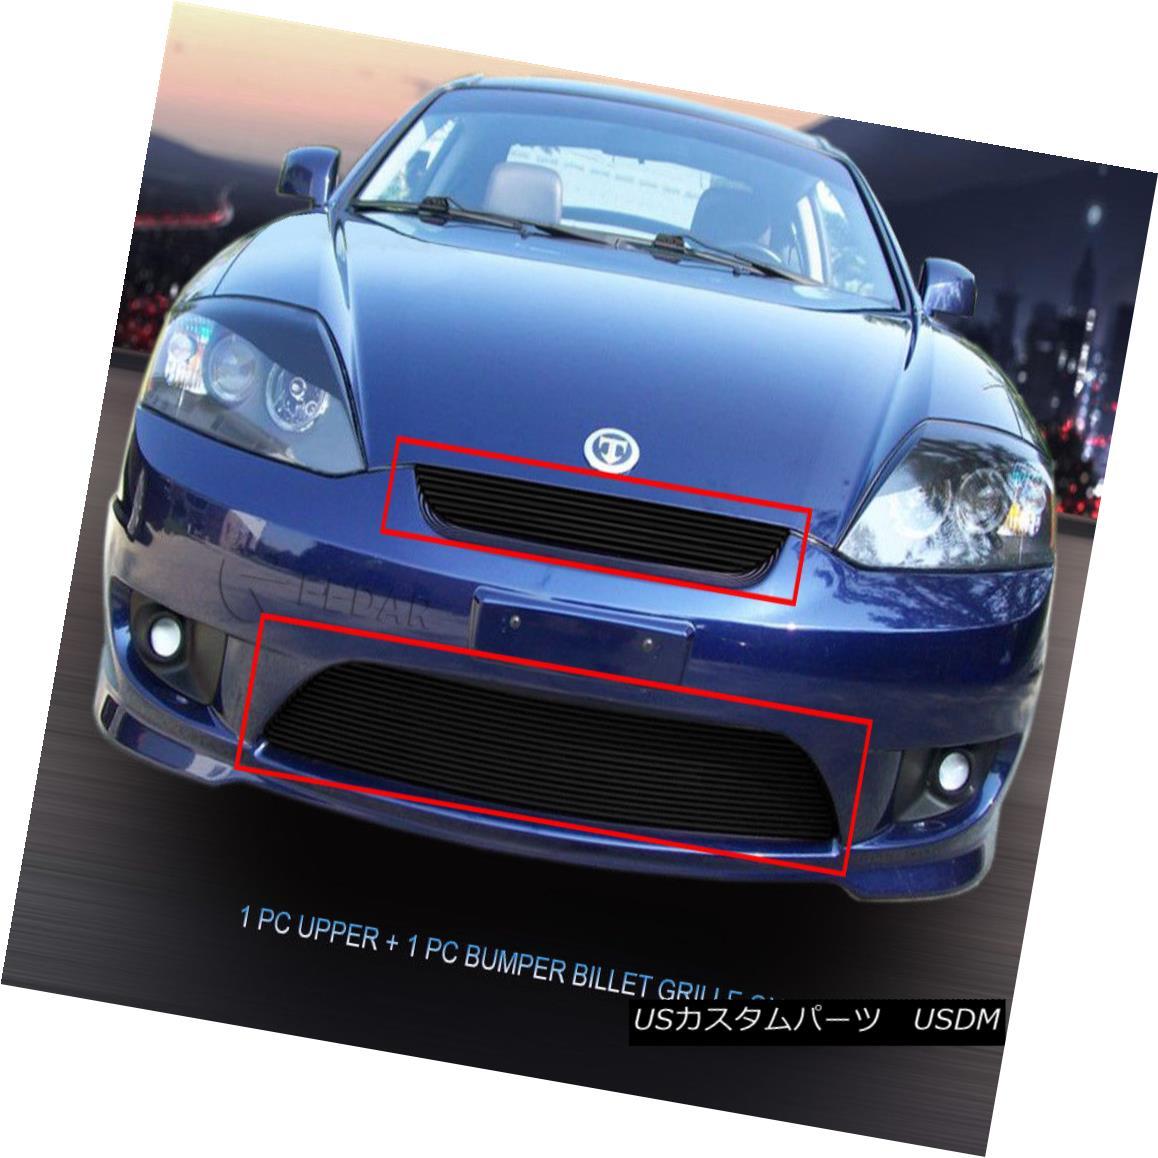 グリル For 05-06 Hyundai Tiburon Billet Grille Combo Grill Insert Fedar 05-06現代ティブロンビレットグリルコンボグリルインサートフェルダ